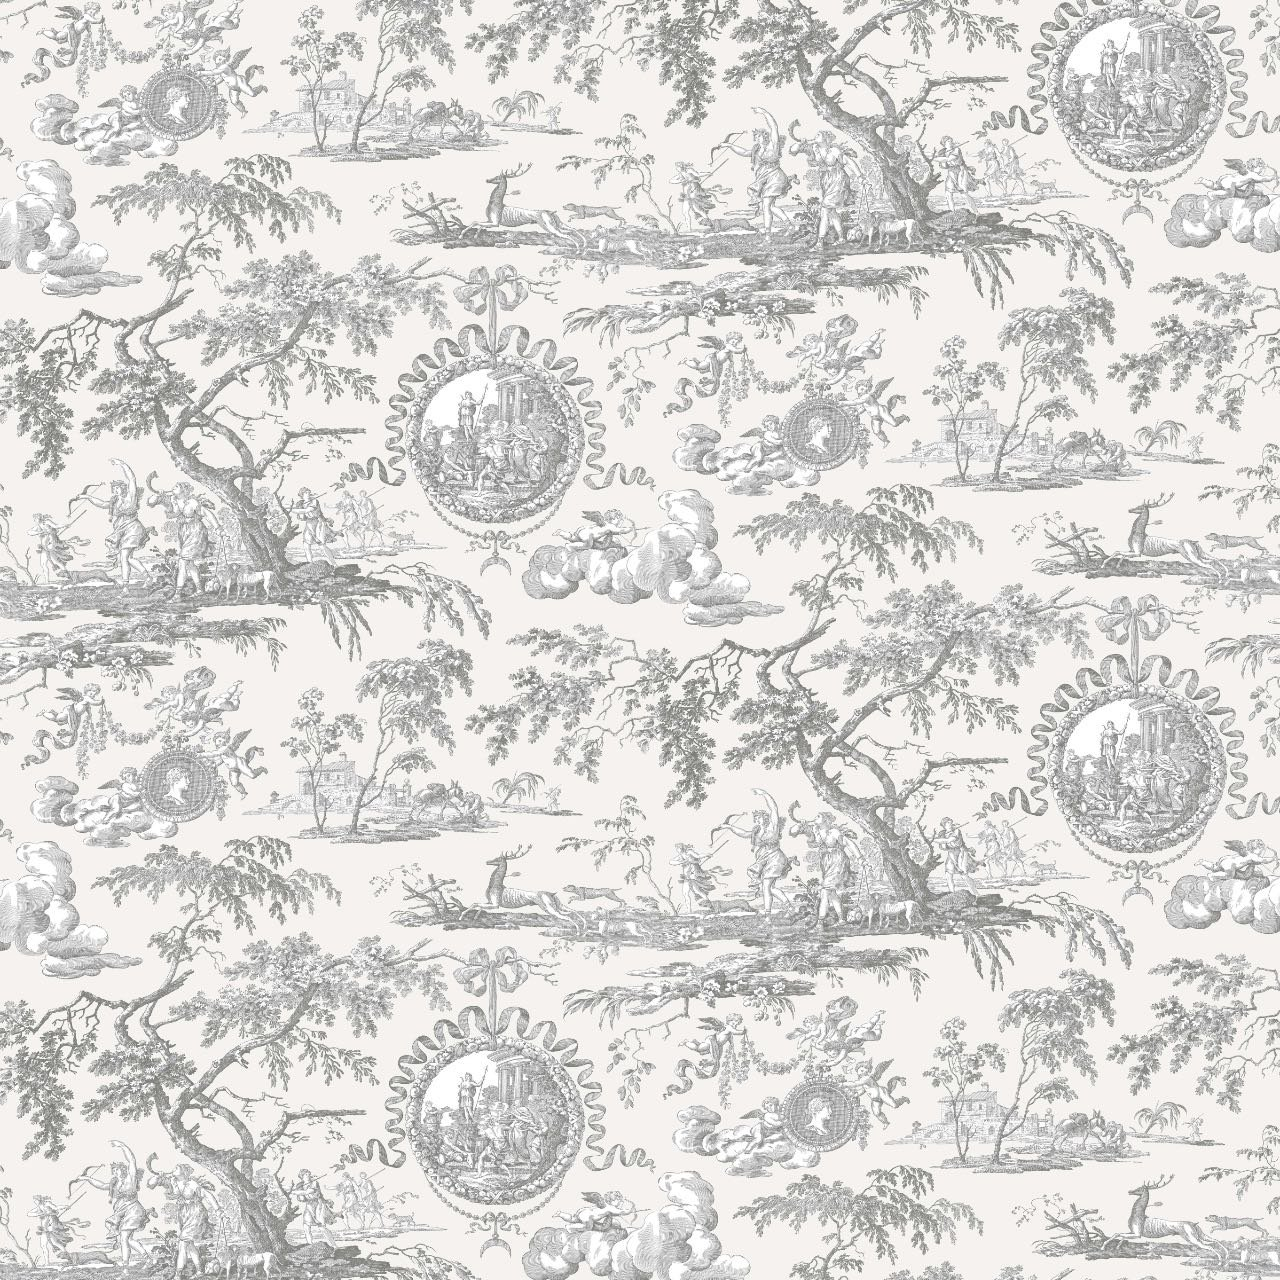 フランス壁紙 フリース(不織布) トワル・ド・ジュイ デザイン 《ディアーナの狩猟》  グレー